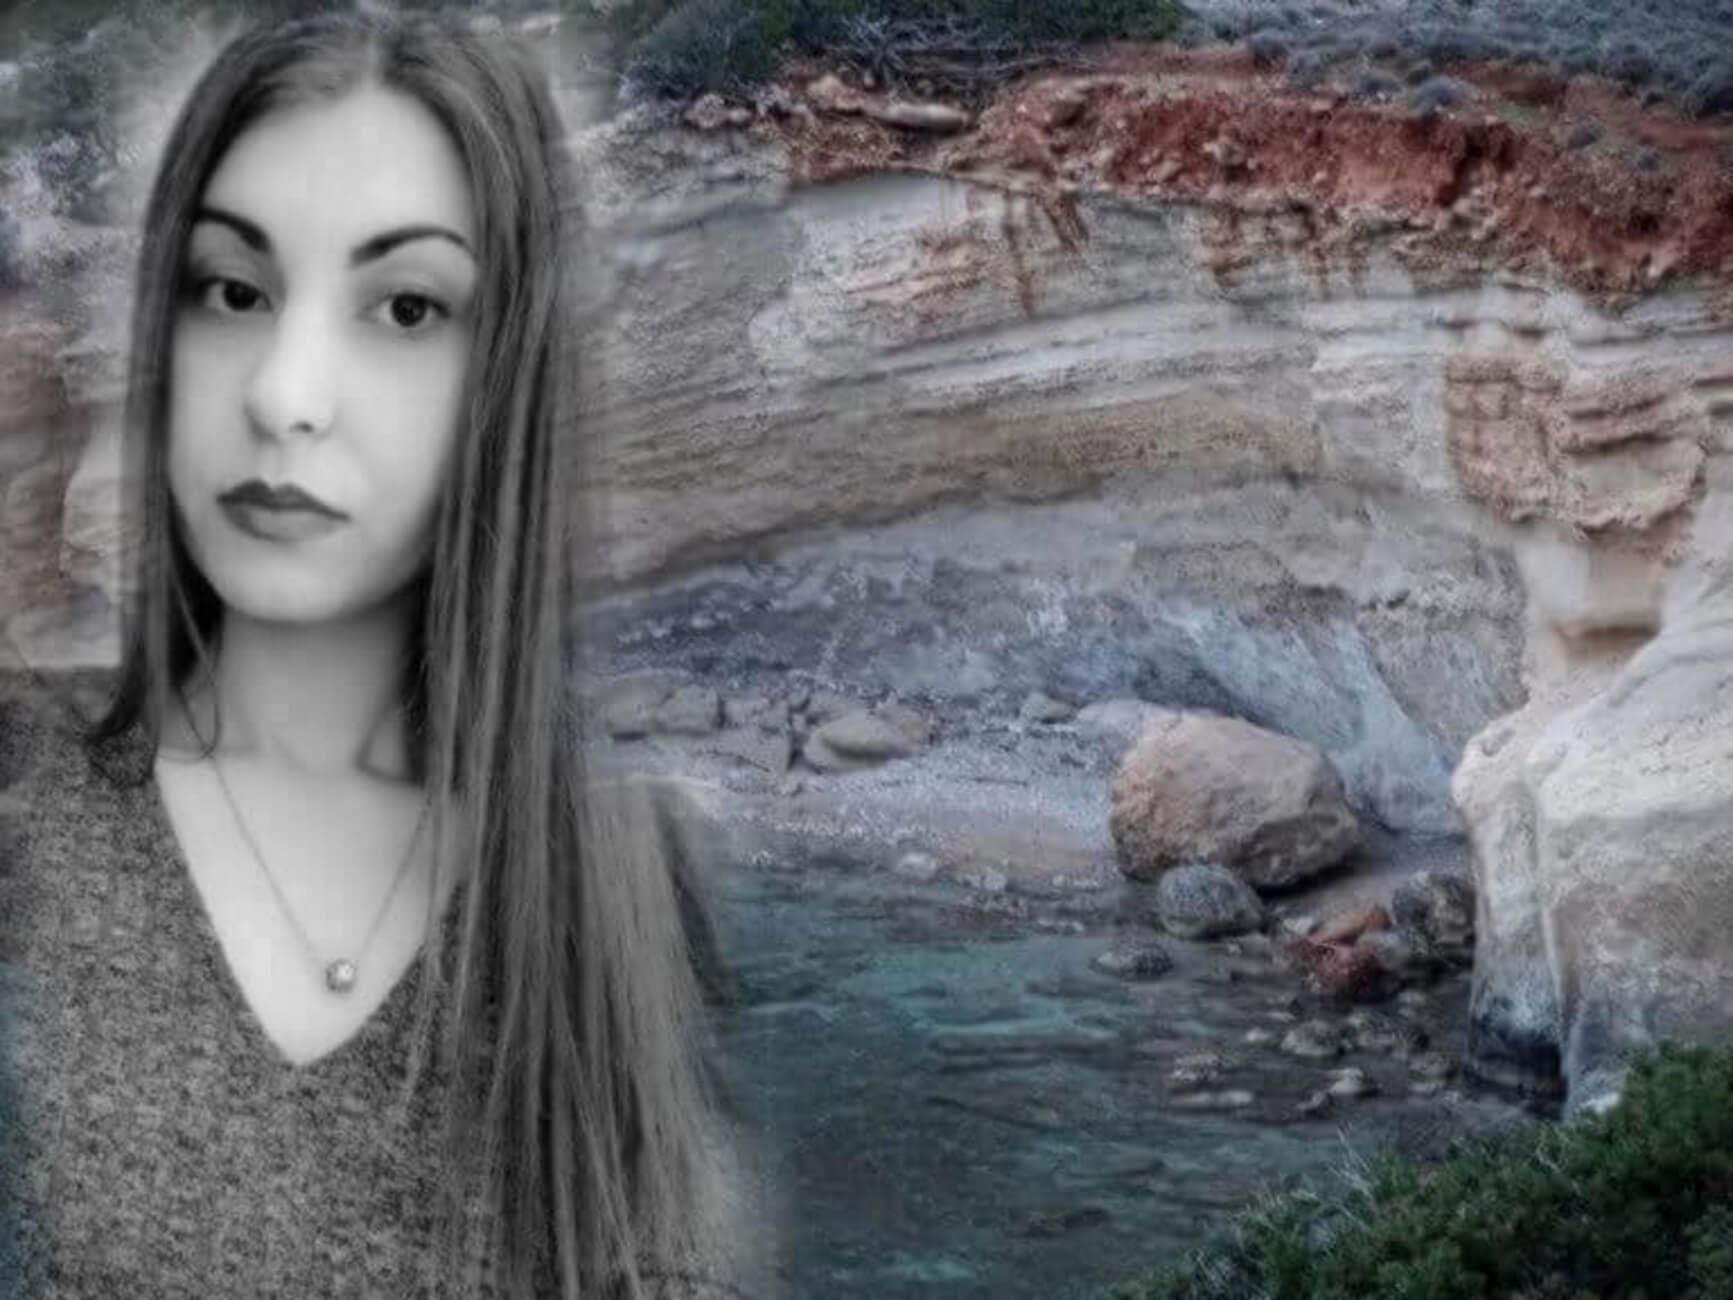 Καμπάνα από το ΕΣΡ: Διακοπή στην εκπομπή «Αλήθειες με τη Ζήνα» | Newsit.gr